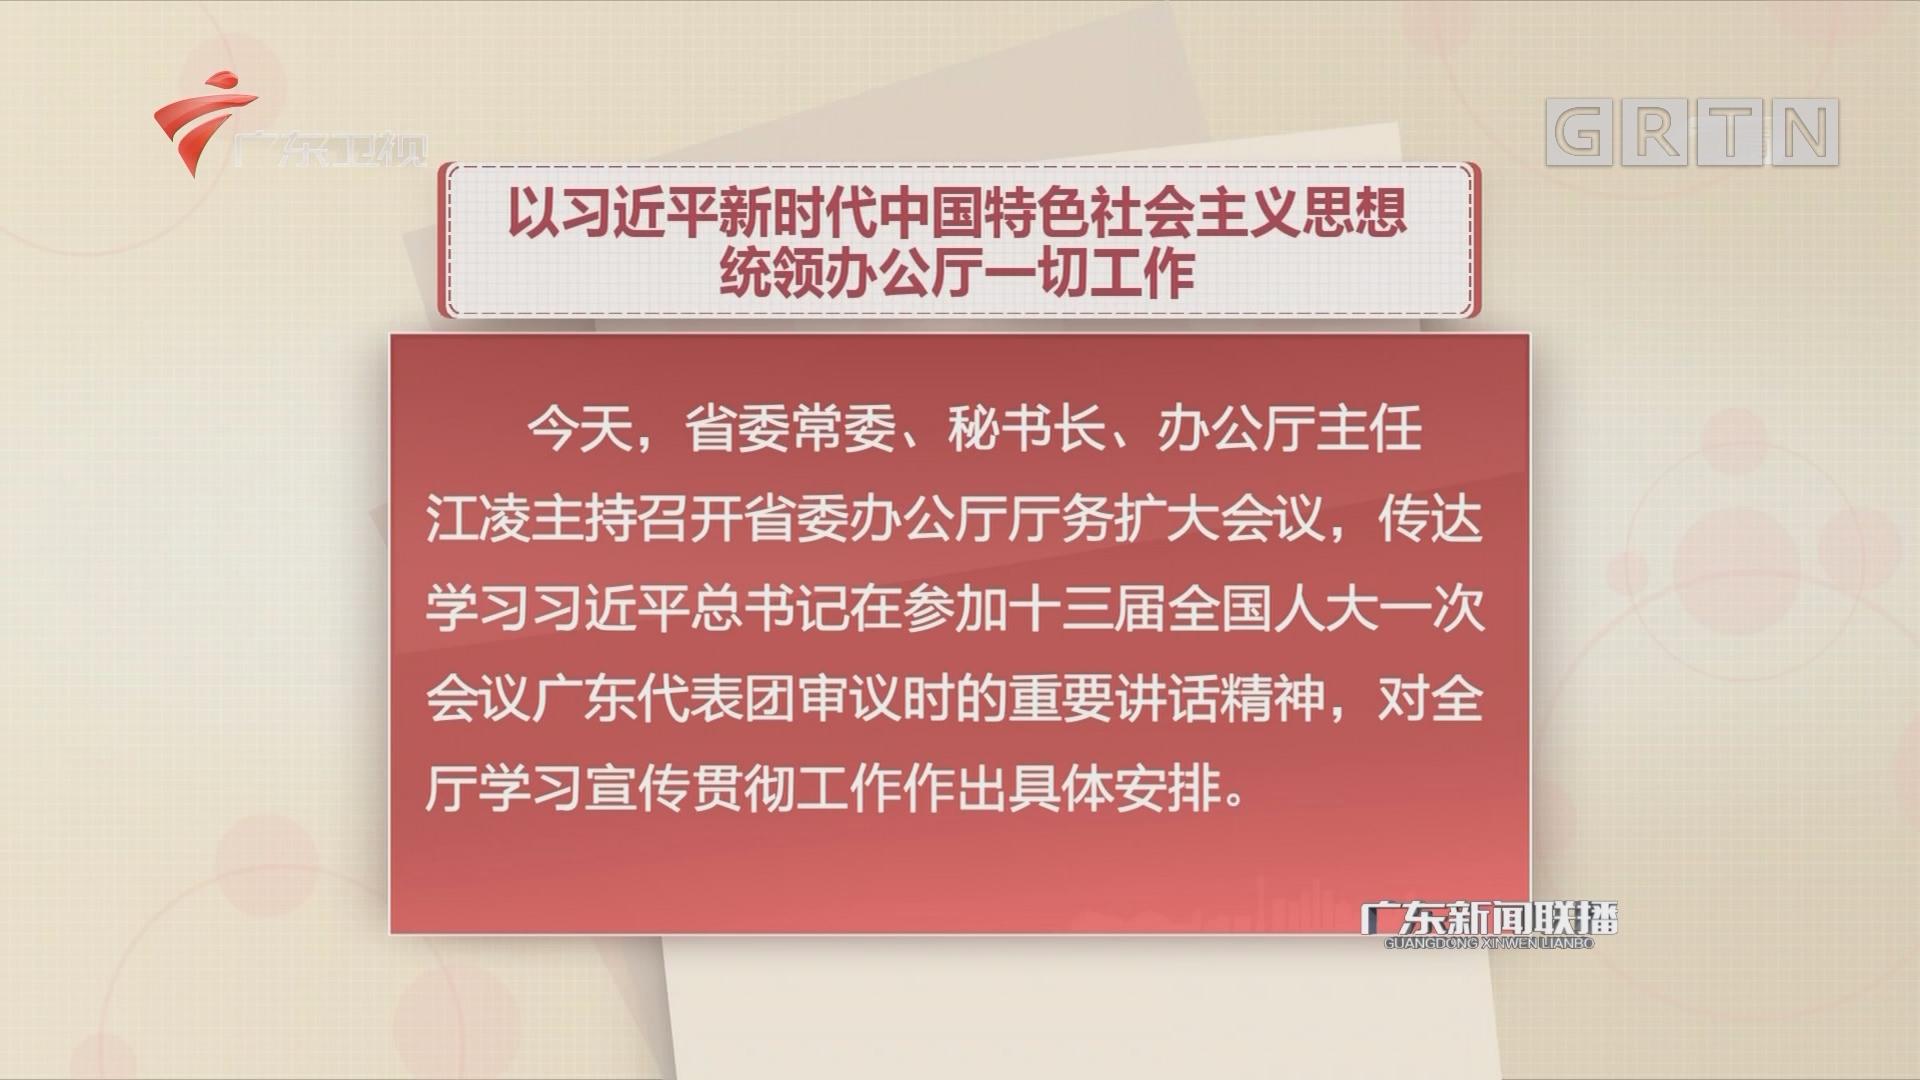 以习近平新时代中国特色社会主义思想统领办公厅一切工作